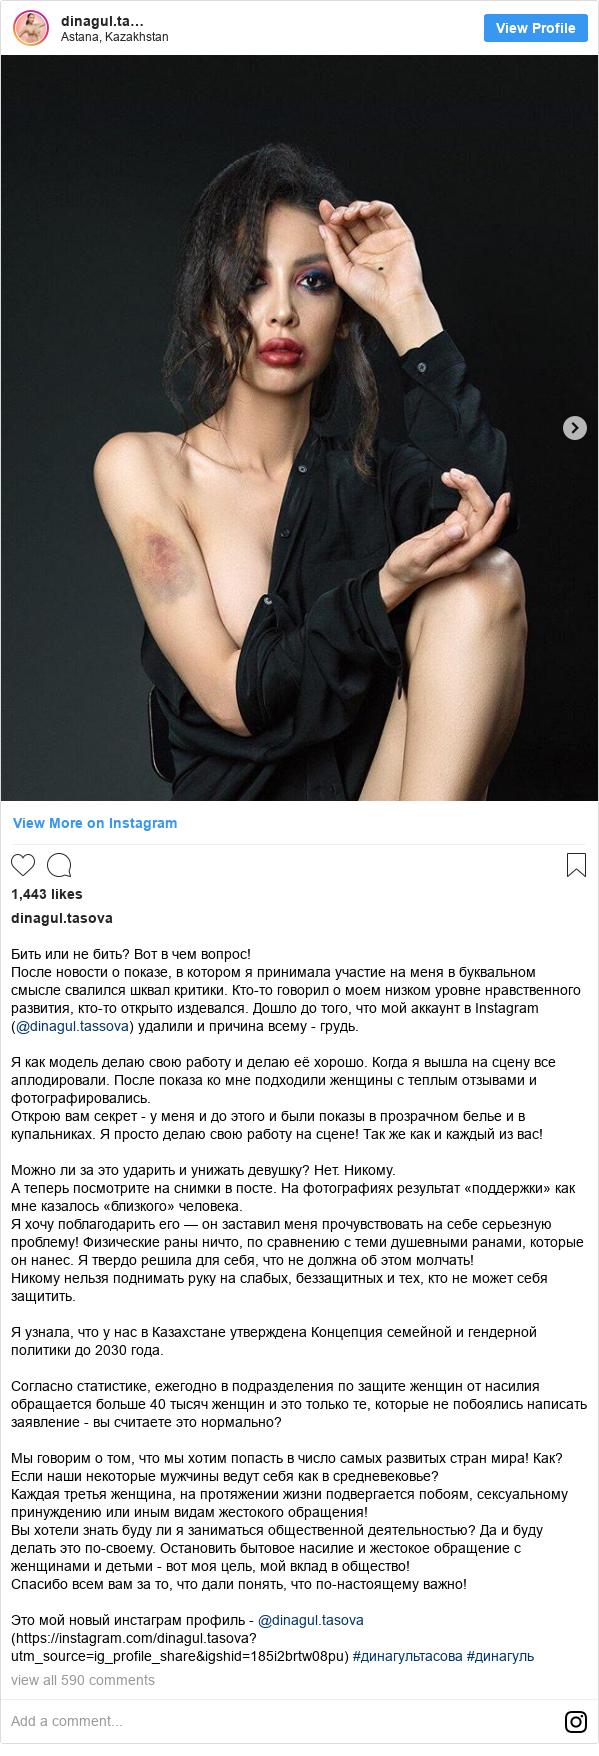 Instagram пост, автор: dinagul.tasova: Бить или не бить? Вот в чем вопрос!  После новости о показе, в котором я принимала участие на меня в буквальном смысле свалился шквал критики. Кто-то говорил о моем низком уровне нравственного развития, кто-то открыто издевался. Дошло до того, что мой аккаунт в Instagram (@dinagul.tassova) удалили и причина всему - грудь.  Я как модель делаю свою работу и делаю её хорошо. Когда я вышла на сцену все аплодировали. После показа ко мне подходили женщины с теплым отзывами и фотографировались.  Открою вам секрет - у меня и до этого и были показы в прозрачном белье и в купальниках. Я просто делаю свою работу на сцене! Так же как и каждый из вас!  Можно ли за это ударить и унижать девушку? Нет. Никому.  А теперь посмотрите на снимки в посте. На фотографиях результат «поддержки» как мне казалось «близкого» человека.  Я хочу поблагодарить его — он заставил меня прочувствовать на себе серьезную проблему! Физические  раны ничто, по сравнению с теми душевными ранами, которые он нанес. Я твердо решила для себя, что не должна об этом молчать!  Никому нельзя поднимать руку на слабых, беззащитных и тех, кто не может себя защитить.  Я узнала, что у нас в Казахстане утверждена Концепция семейной и гендерной политики до 2030 года.  Согласно статистике, ежегодно в подразделения по защите женщин от насилия обращается больше 40 тысяч женщин и это только те, которые не побоялись написать заявление - вы считаете это нормально?  Мы говорим о том, что мы хотим попасть в число самых развитых стран мира! Как? Если наши некоторые мужчины ведут себя как в средневековье?  Каждая третья женщина, на протяжении жизни подвергается побоям, сексуальному принуждению или иным видам жестокого обращения!  Вы хотели знать буду ли я заниматься общественной деятельностью? Да и буду делать это по-своему. Остановить бытовое насилие и жестокое обращение с женщинами и детьми - вот моя цель, мой вклад в общество!  Спасибо всем вам за то, что дали понять, что по-настоящему важн